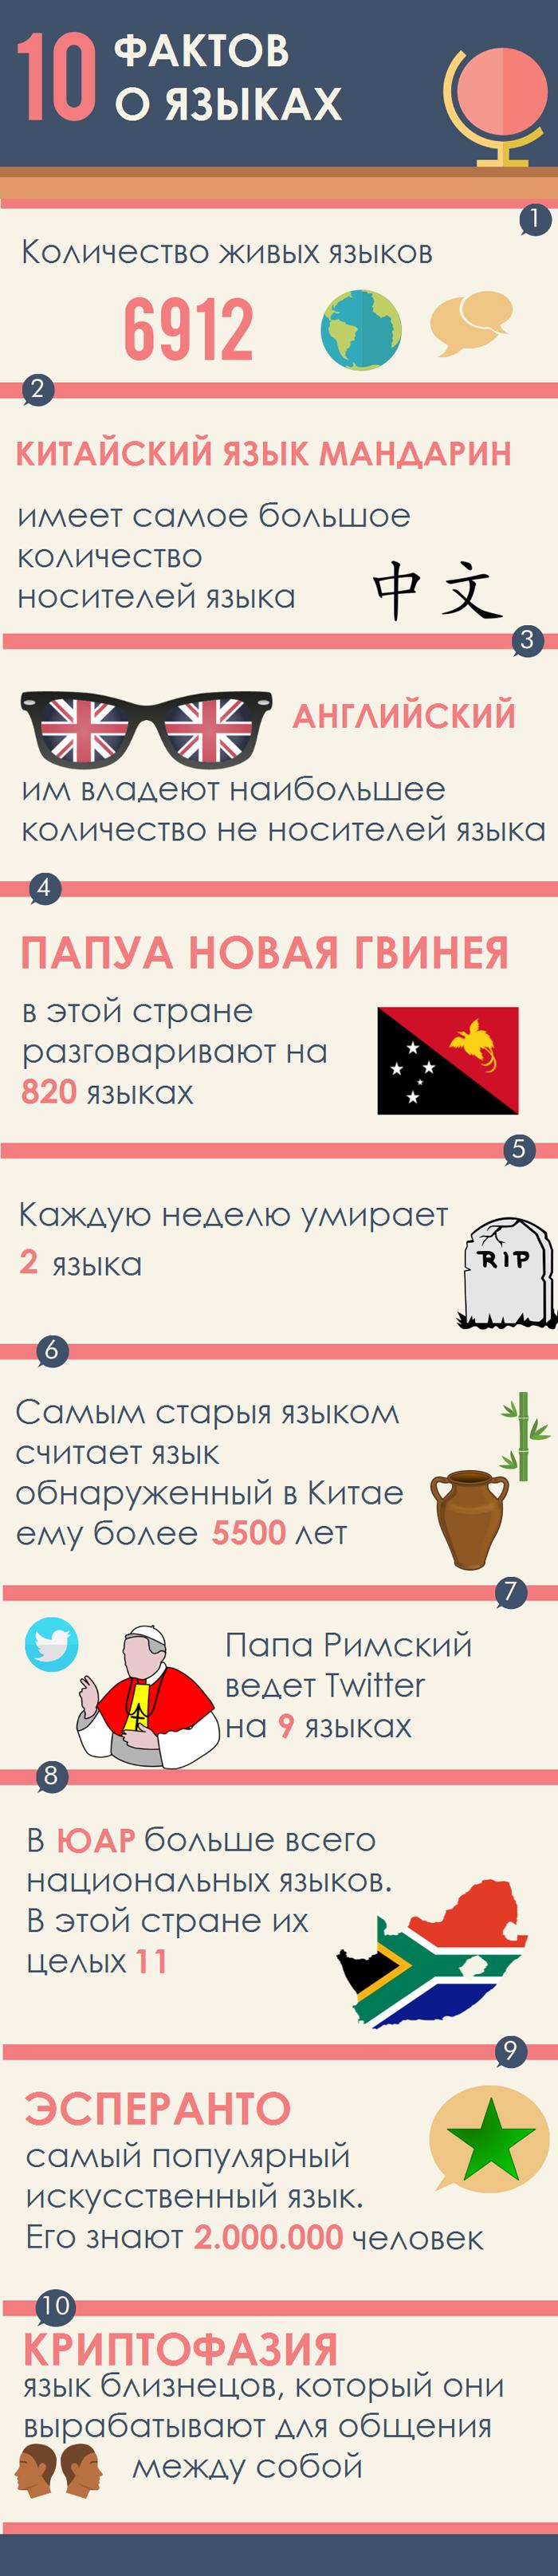 Малоизвестные факты о языках мира (инфографика)